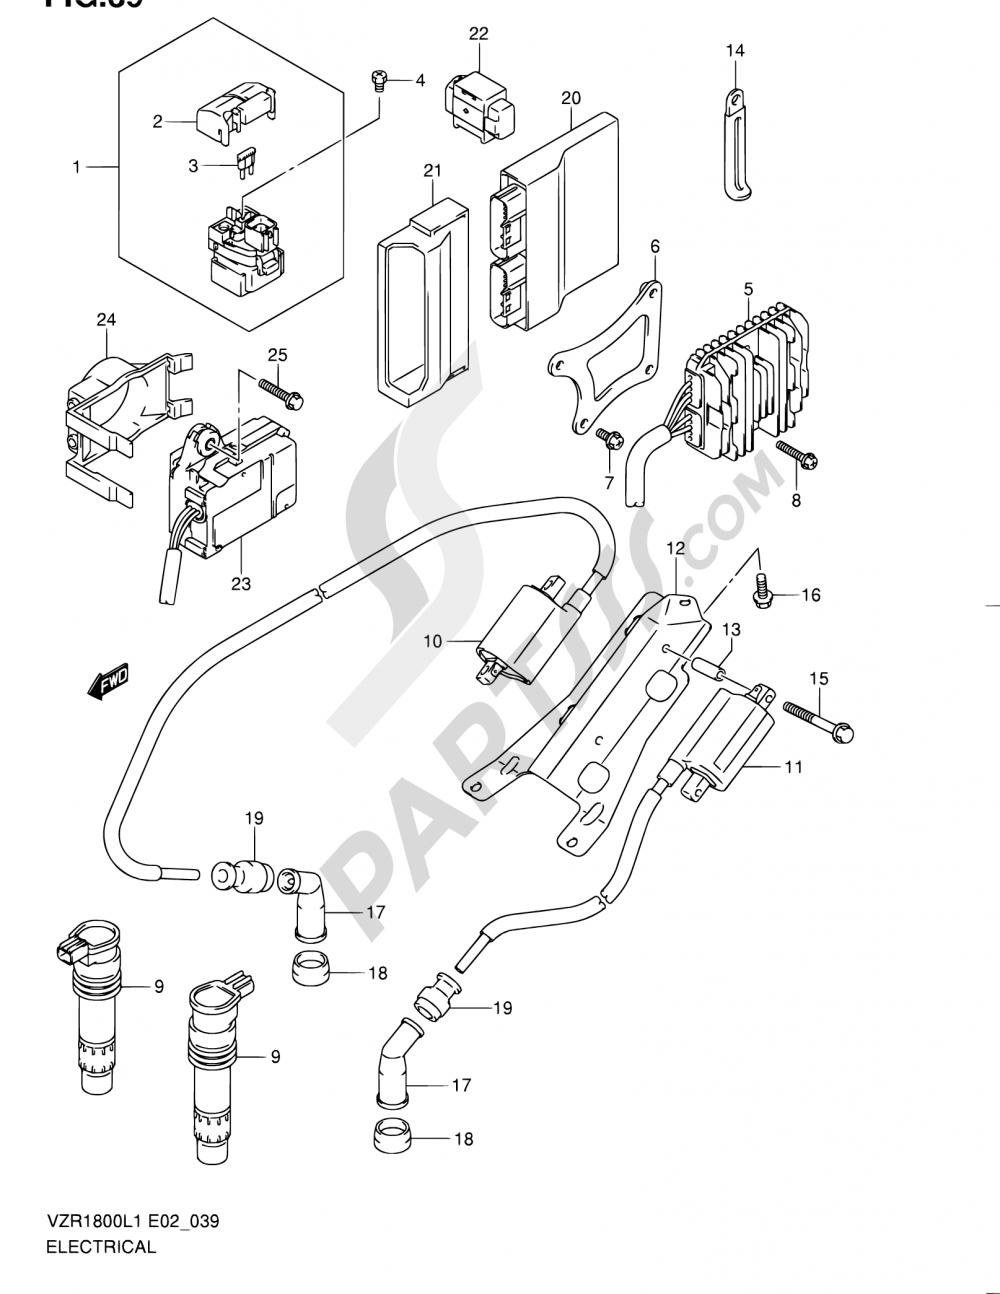 39 - ELECTRICAL (VZR1800L1 E19) Suzuki VZR1800 2011